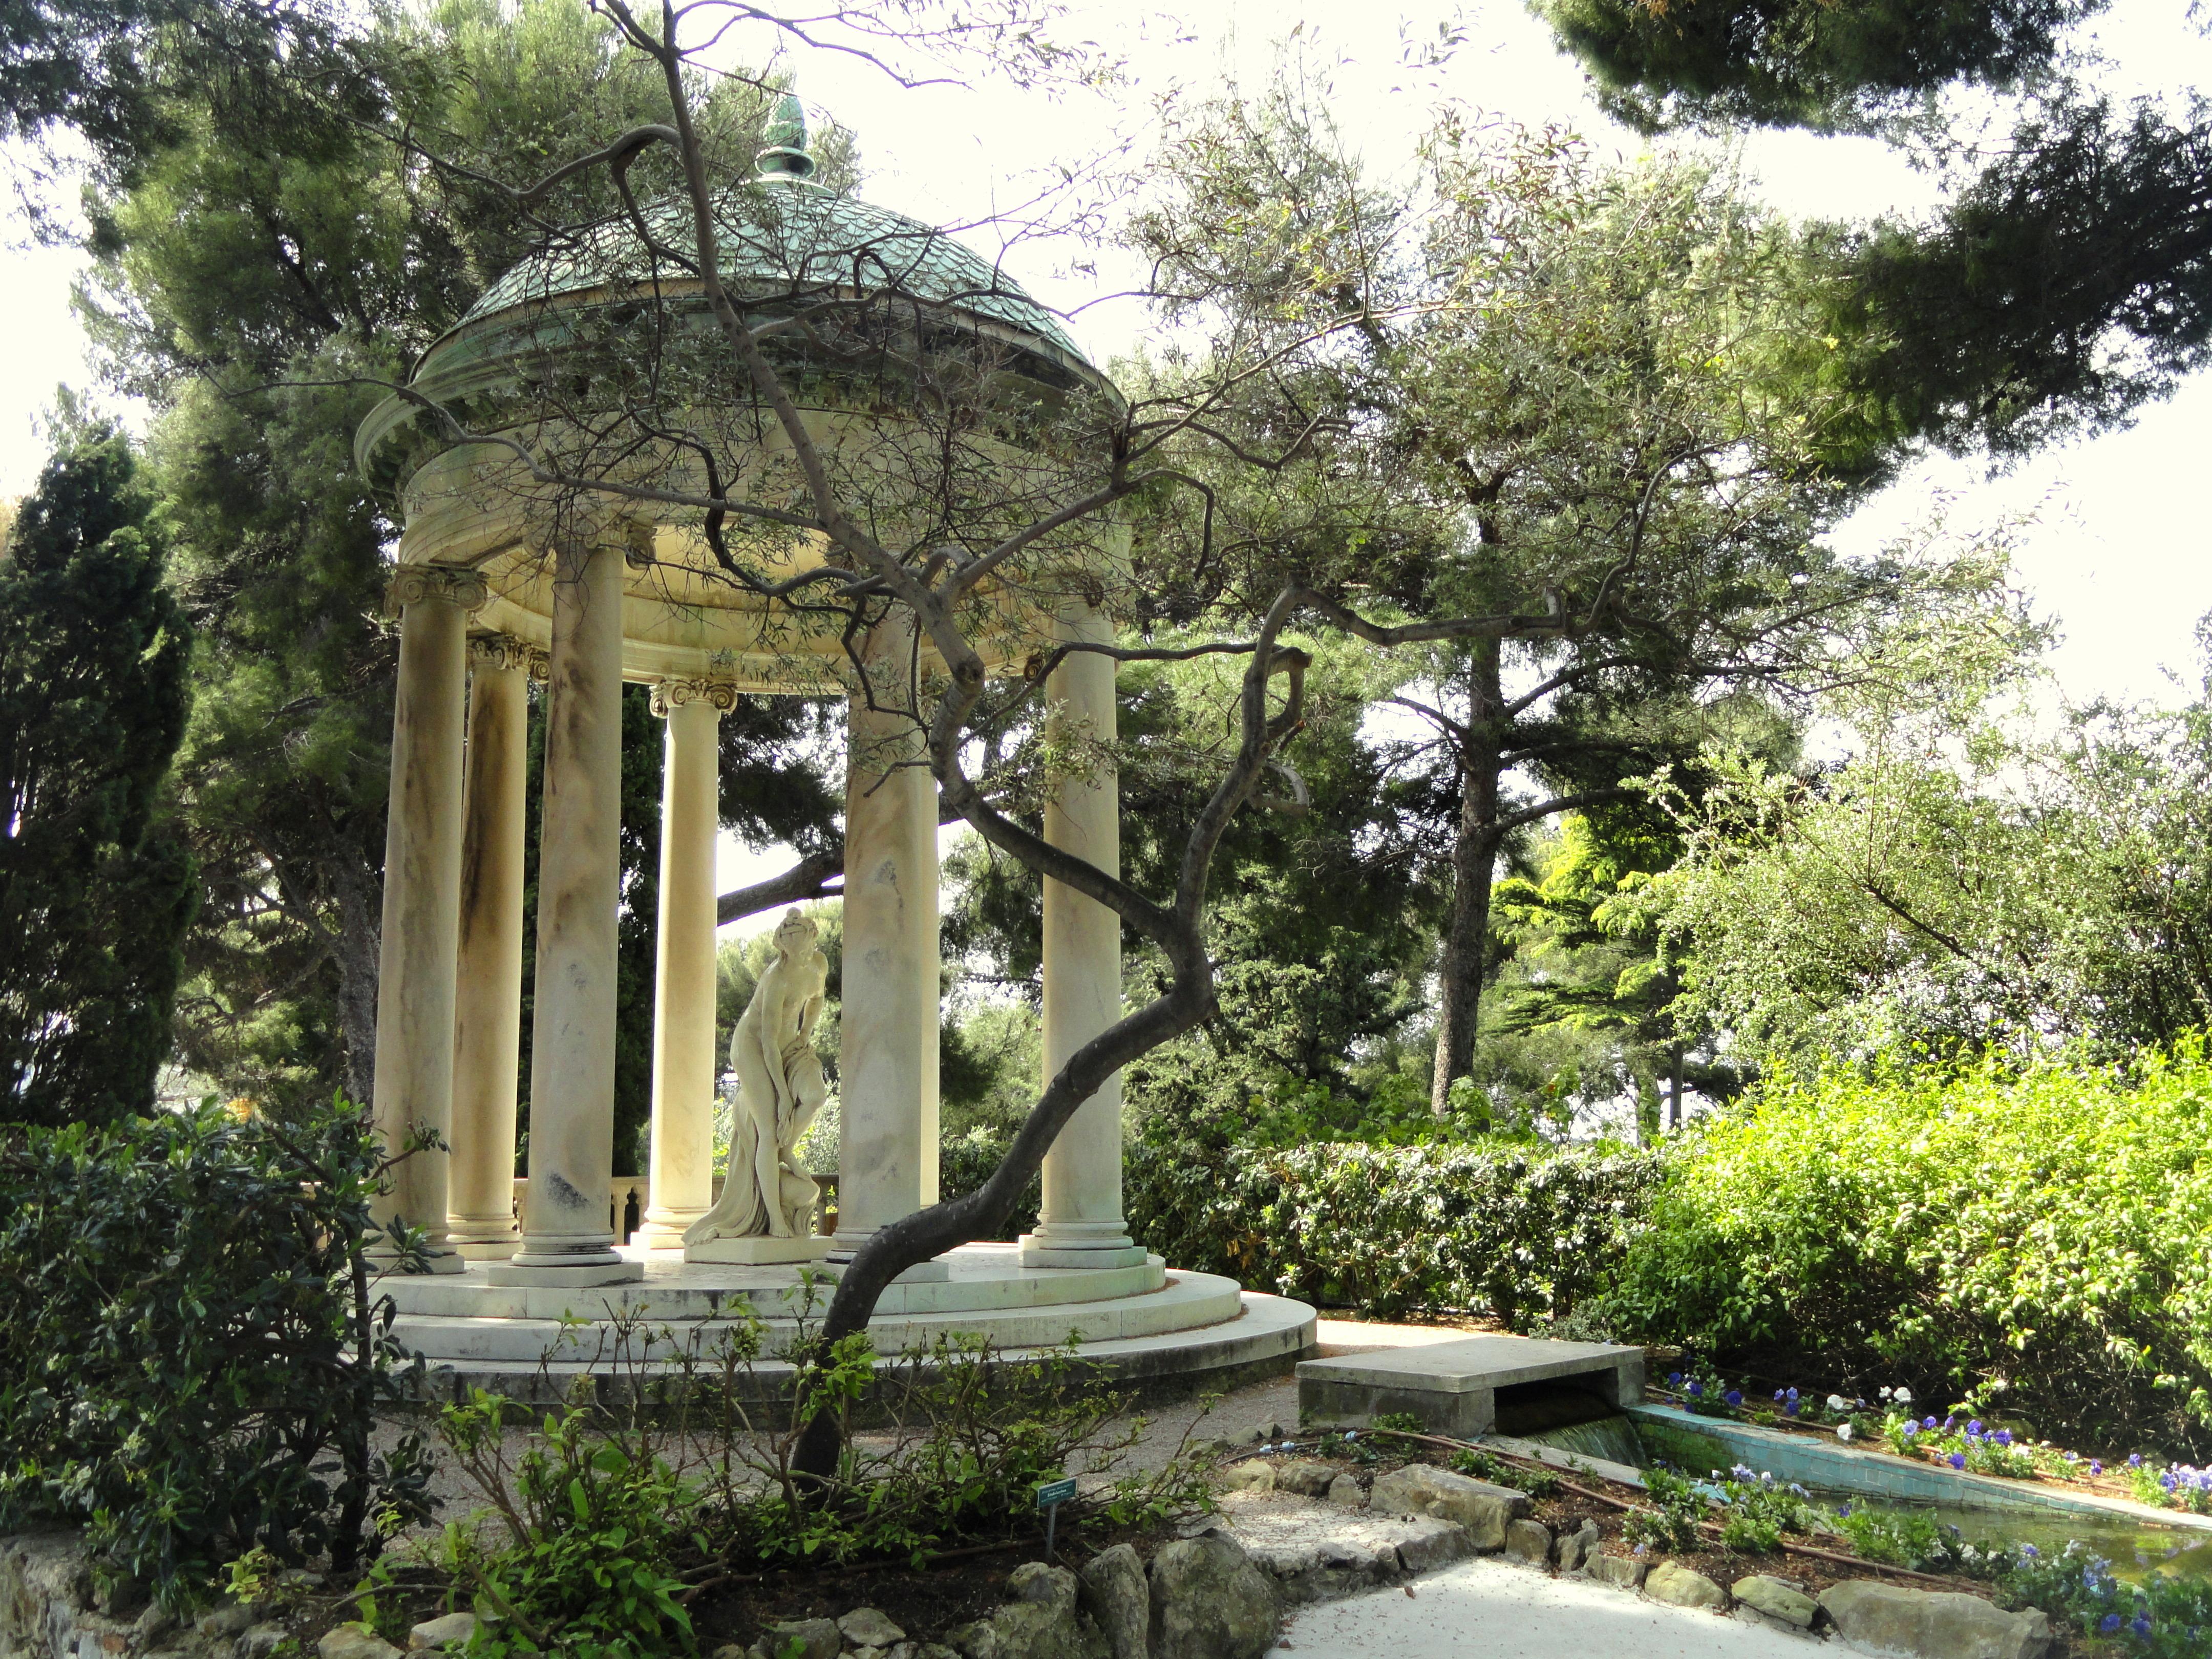 De Villa Garden Restro Lounge Surat Menu